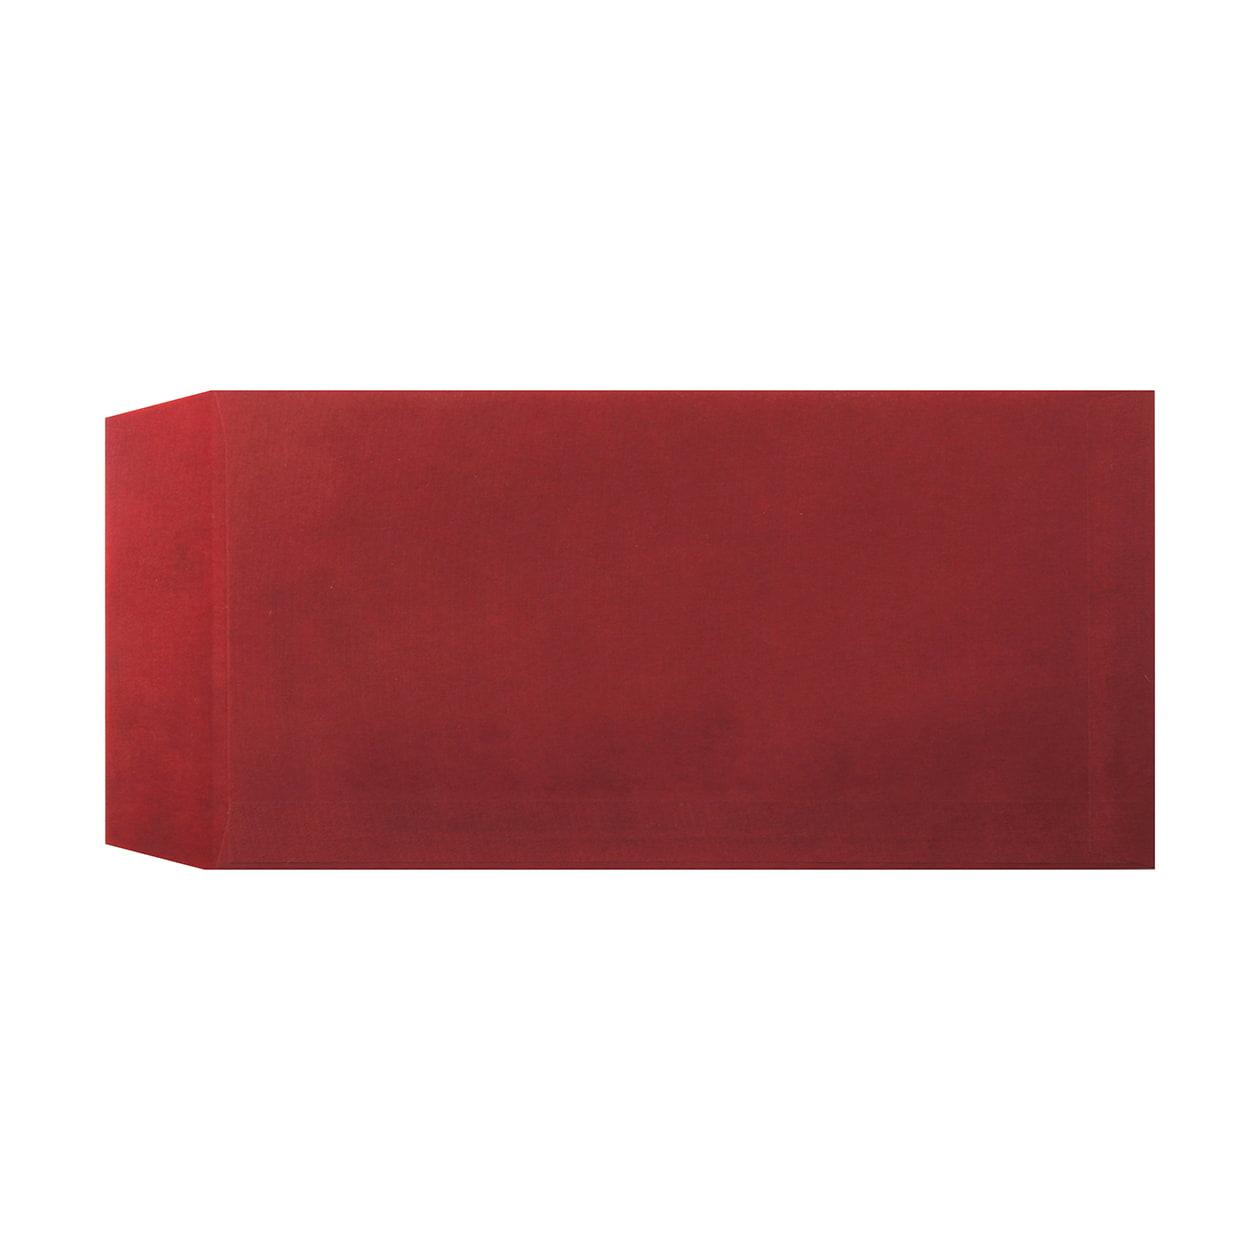 サンプル 封筒・袋 00143